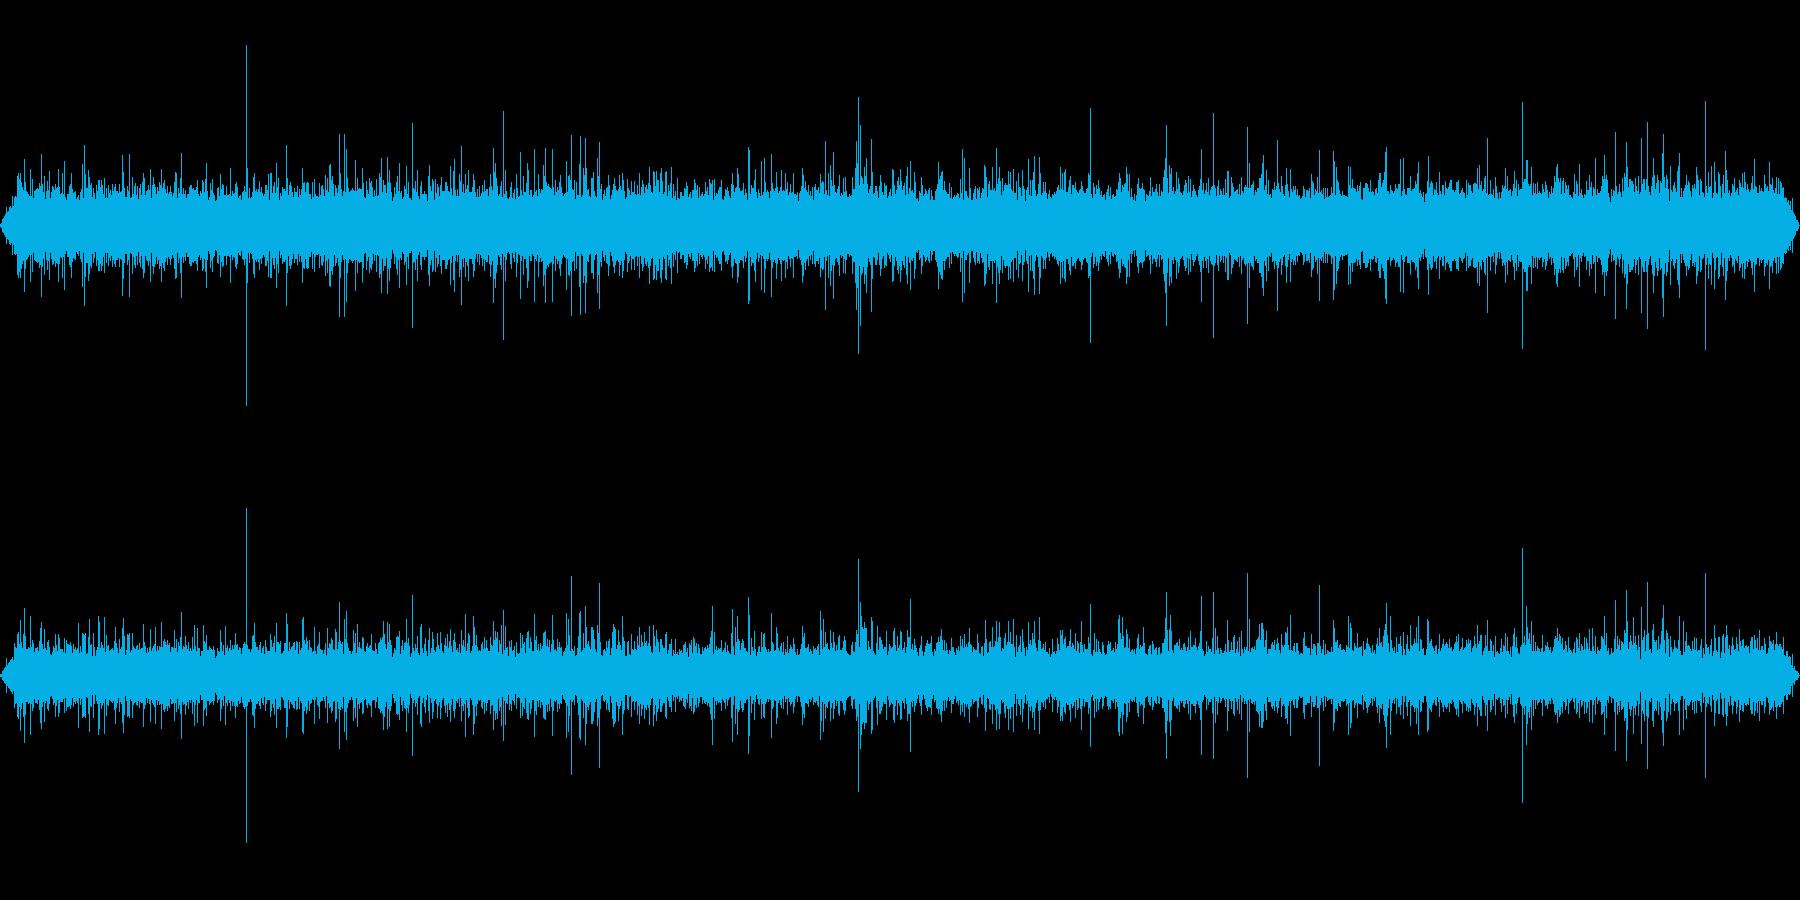 小川の流れる音 の再生済みの波形